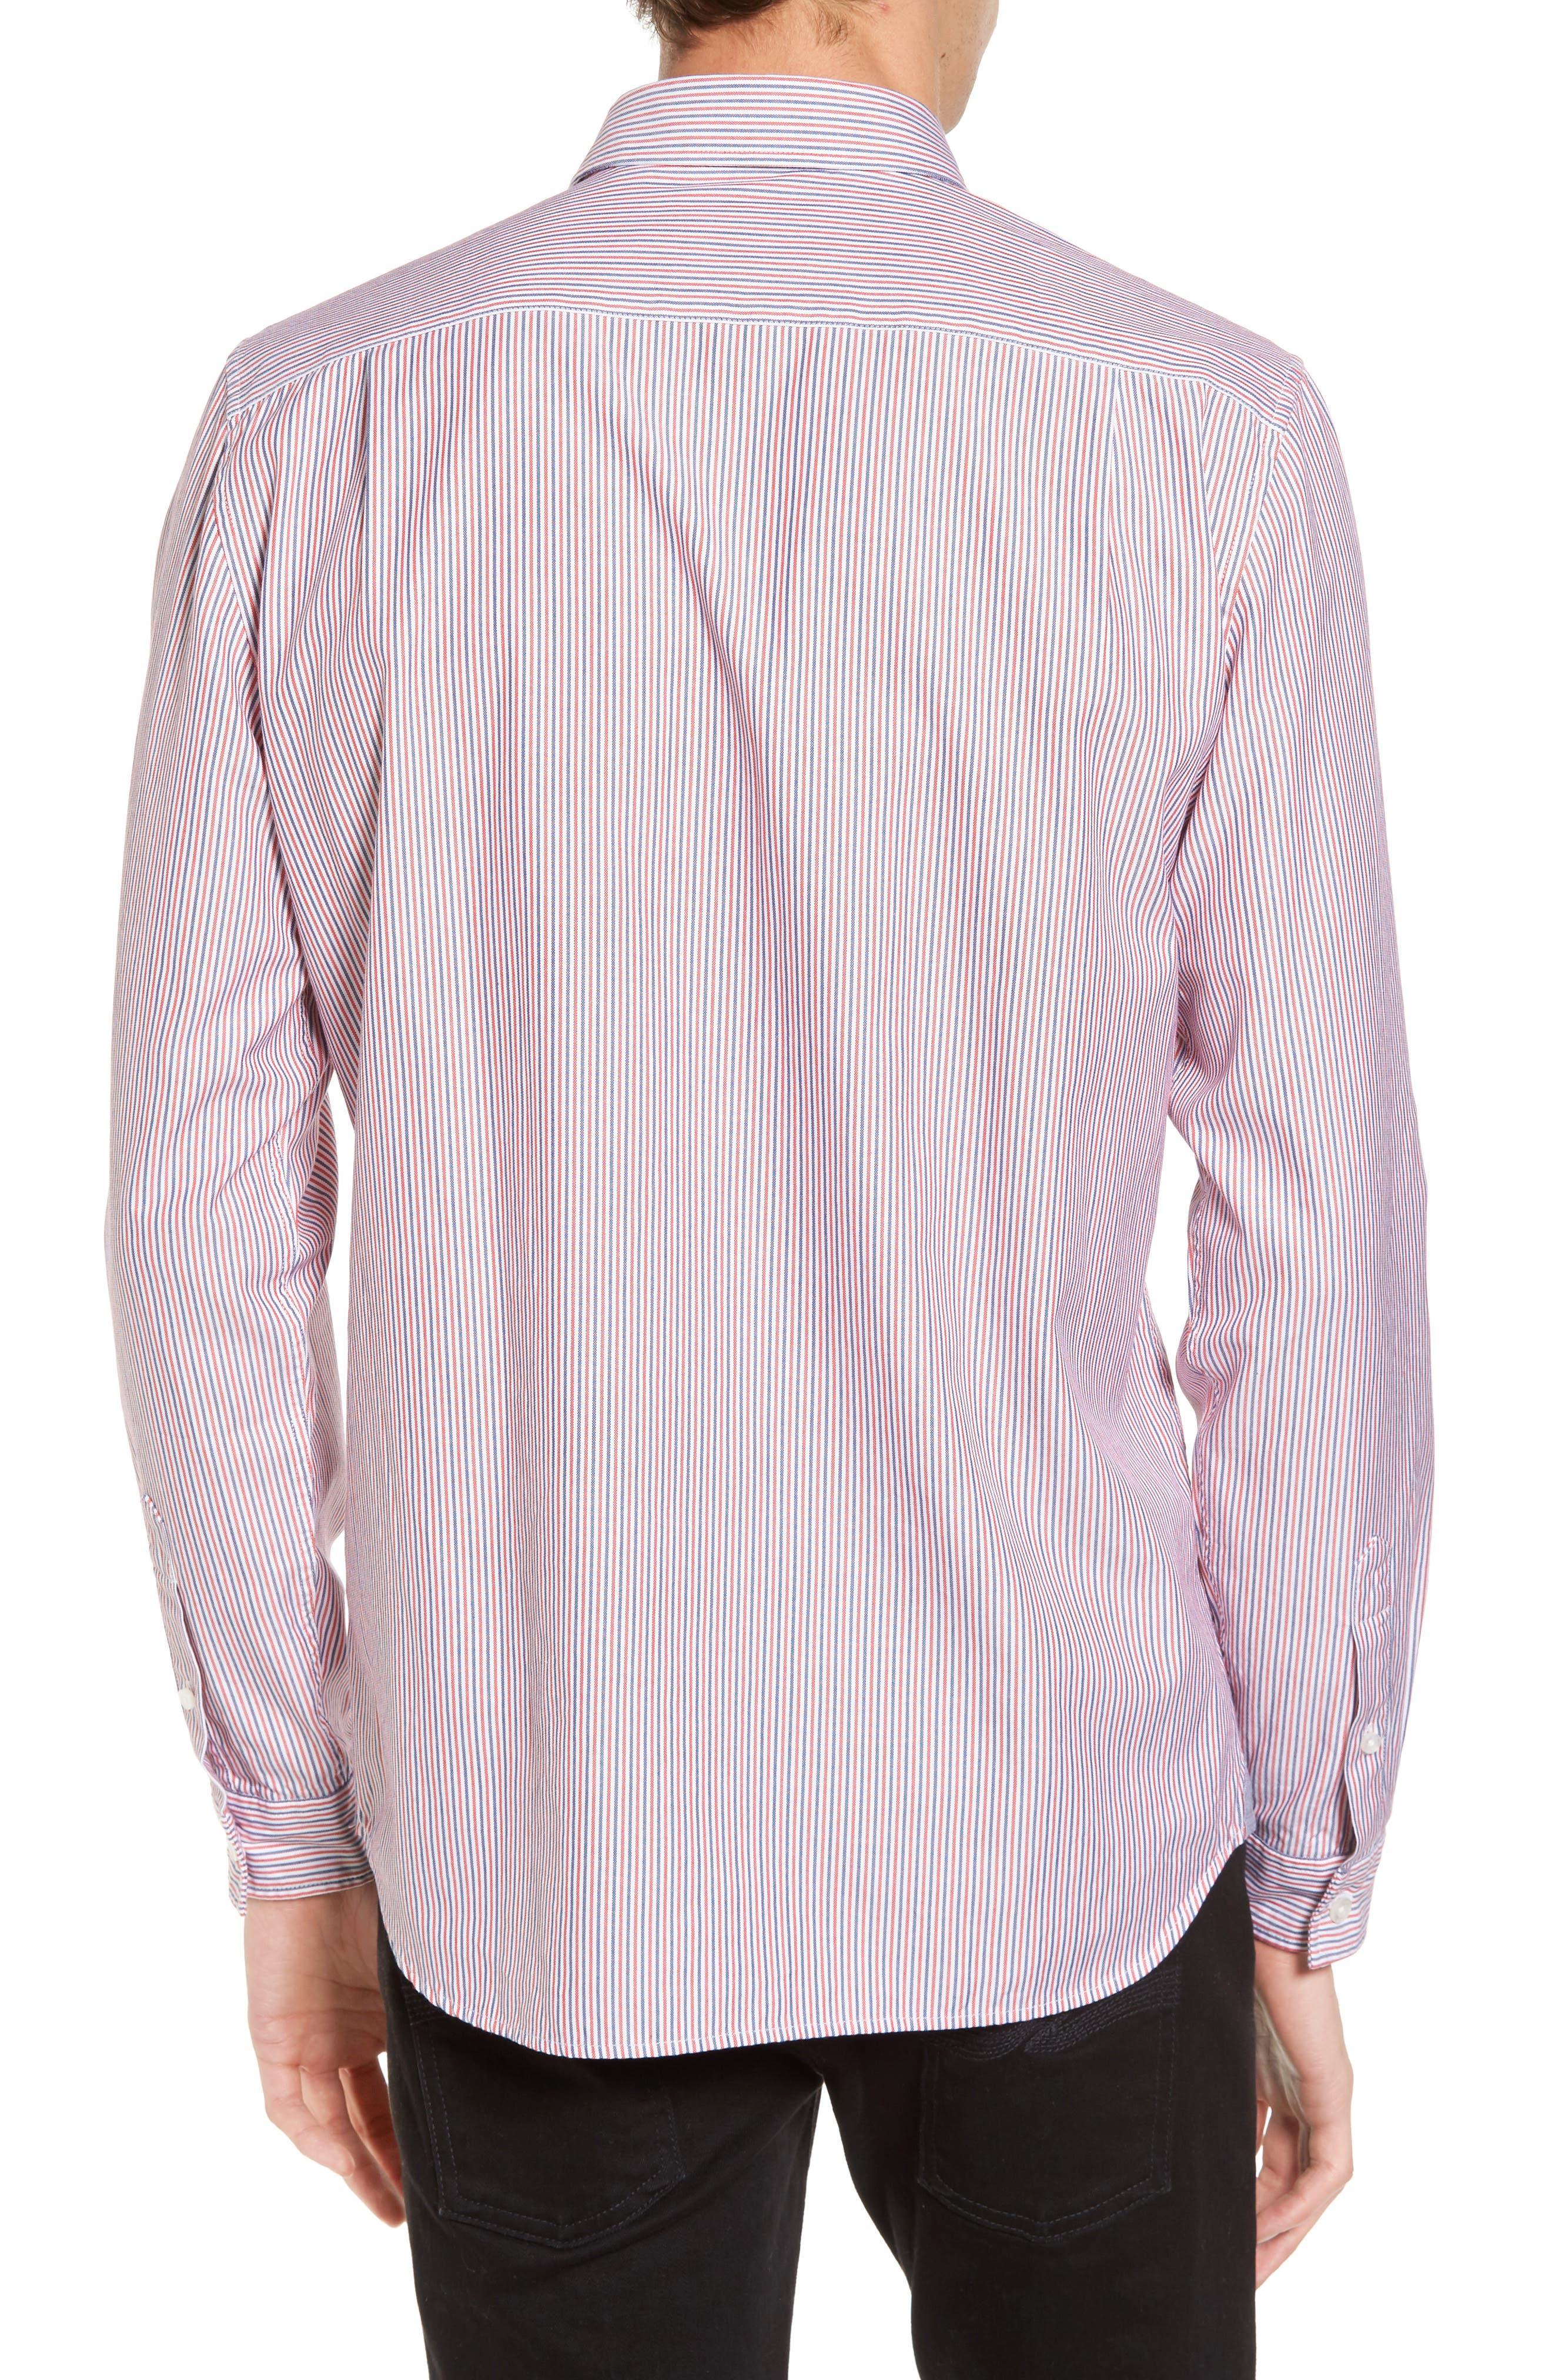 Button-Down Sport Shirt,                             Alternate thumbnail 2, color,                             Cherry Red/ Methylene-White